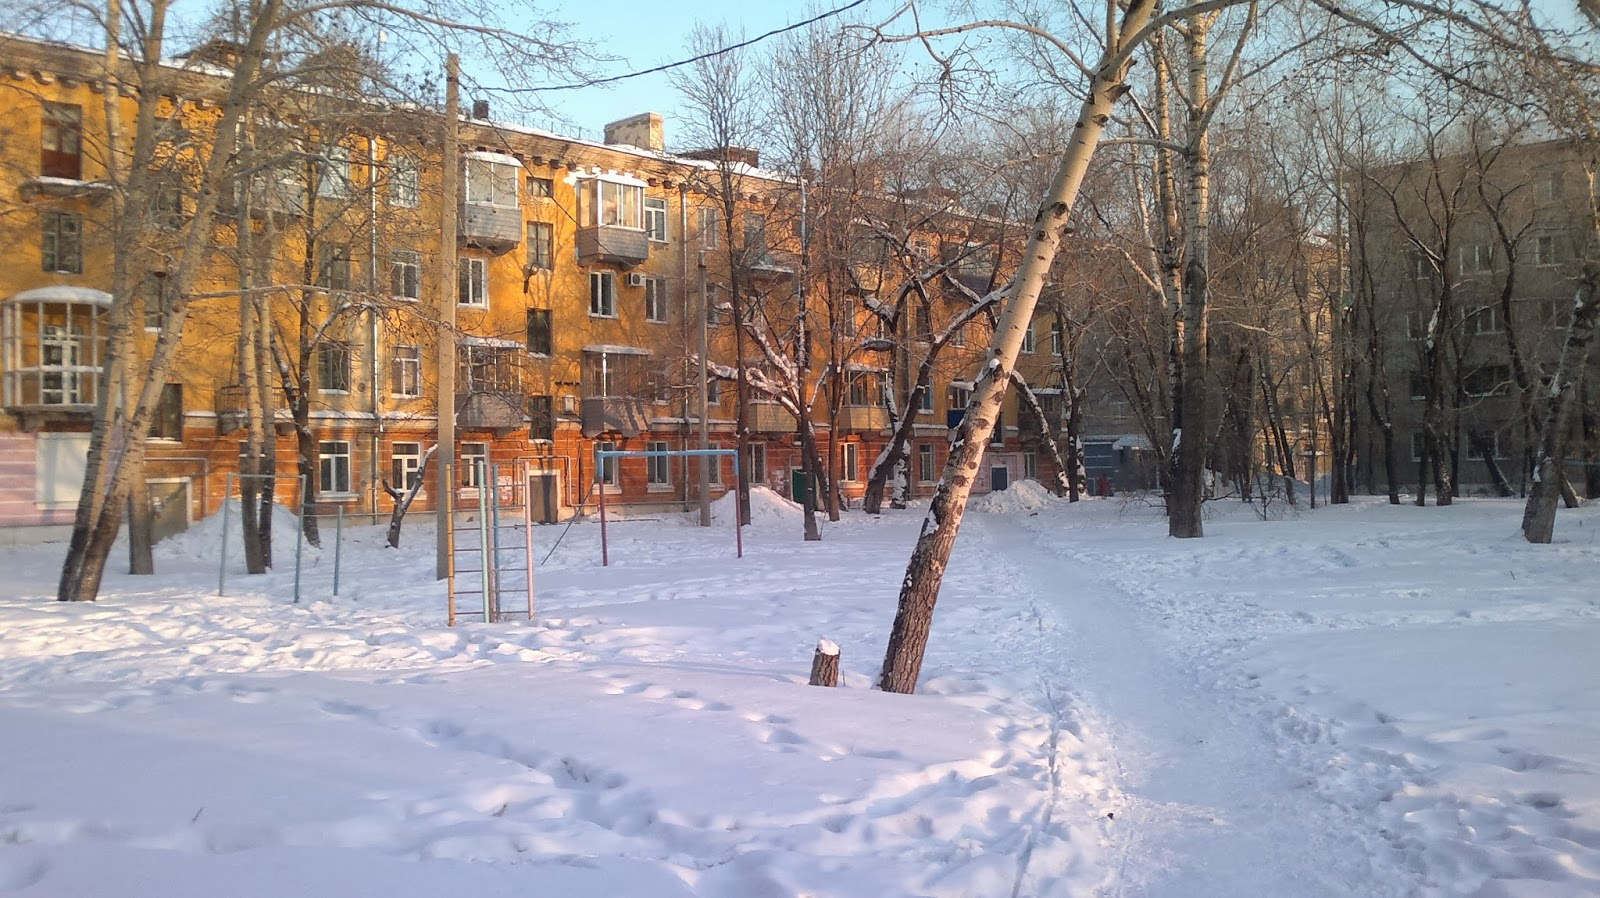 Эх, всю зиму бы такие морозы